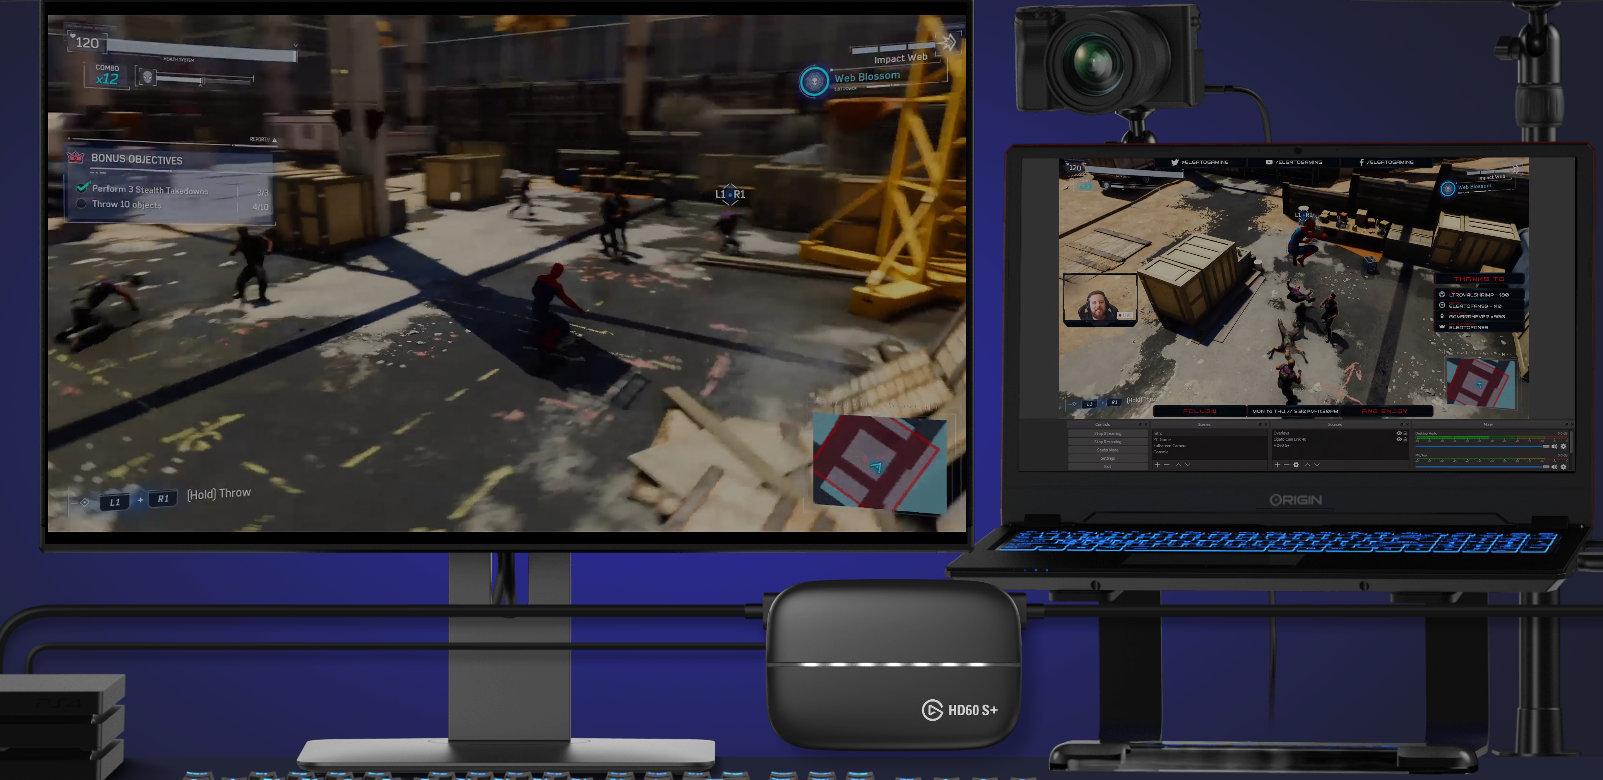 Elgato HD60 S+, una capturadora externa para jugar y crear 35